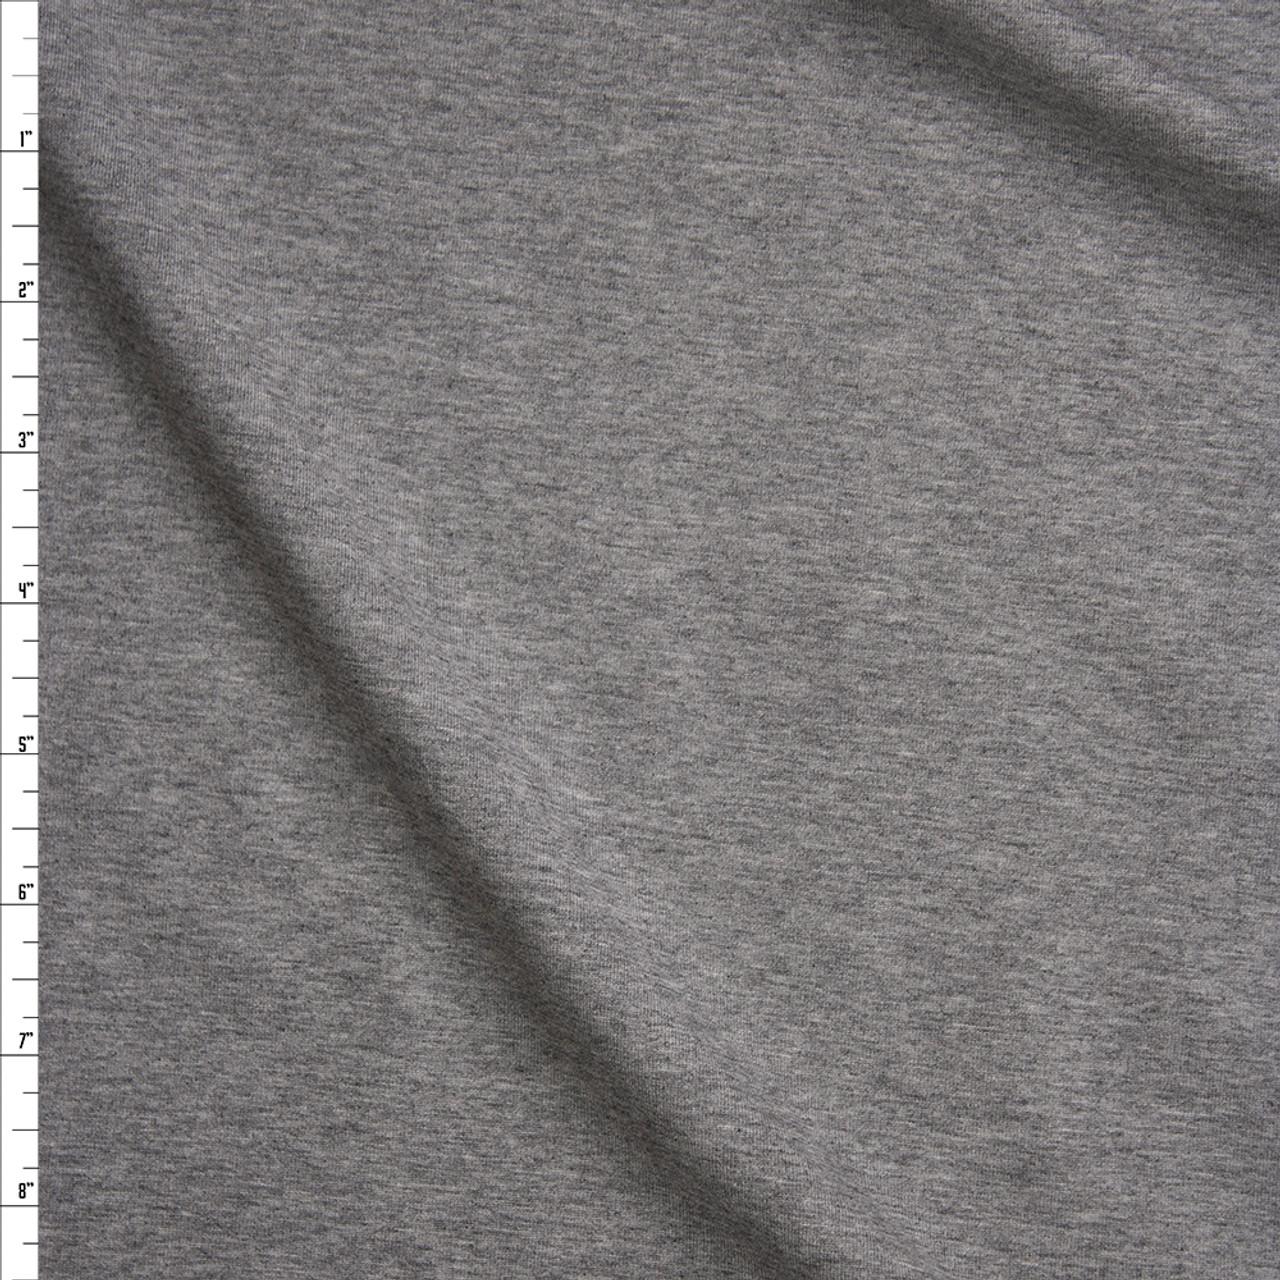 Cali Fabrics Heather Grey Stretch Midweight Cotton Jersey Knit